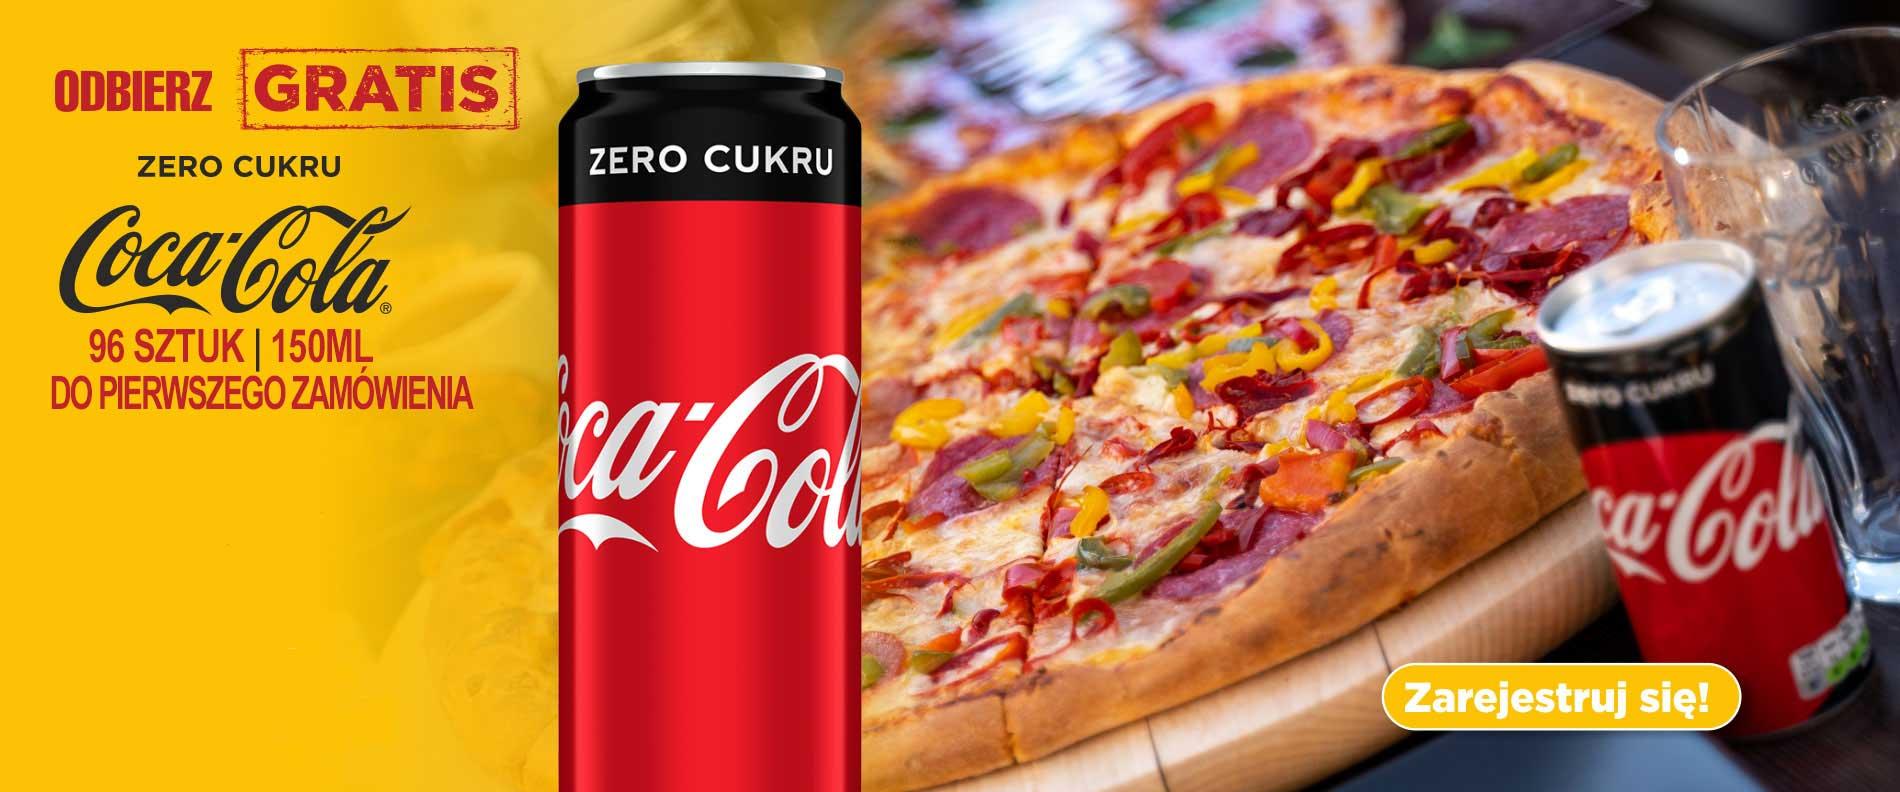 Coca-Cola gratis przy rejestracji